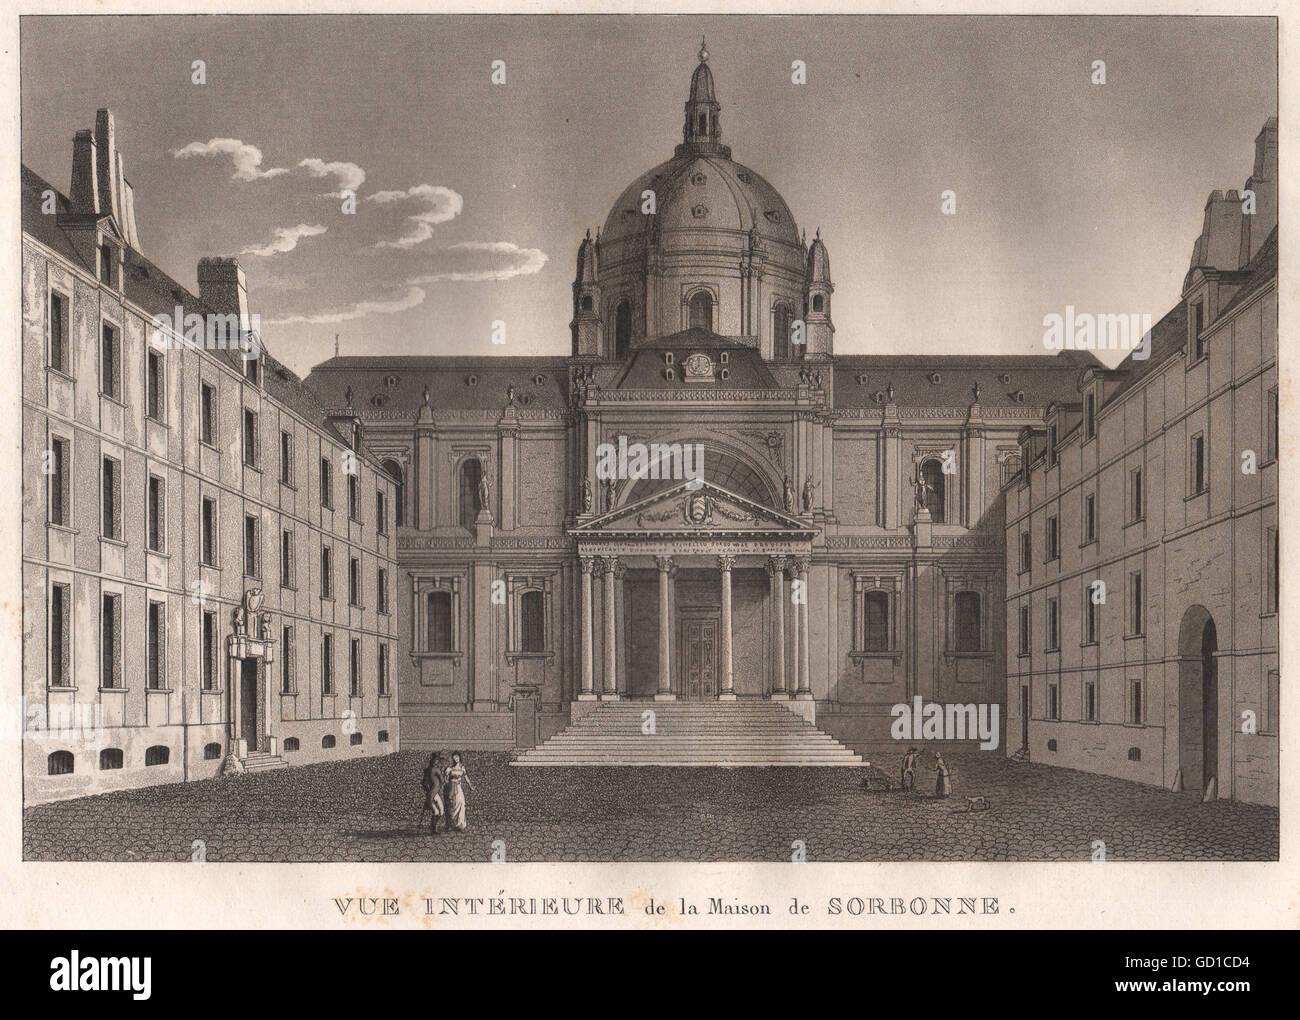 PARIS: Maison de Sorbonne. Aquatint, antique print 1808 - Stock Image